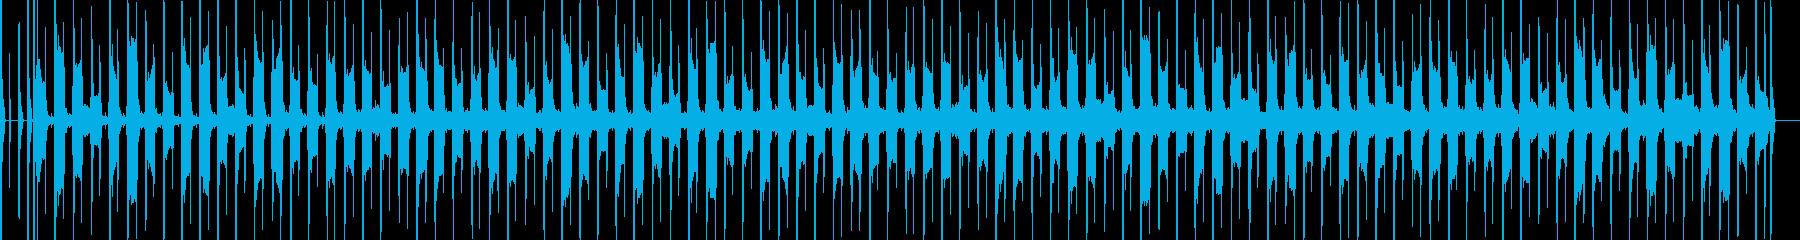 ベース演奏、落ち着くBGMの再生済みの波形